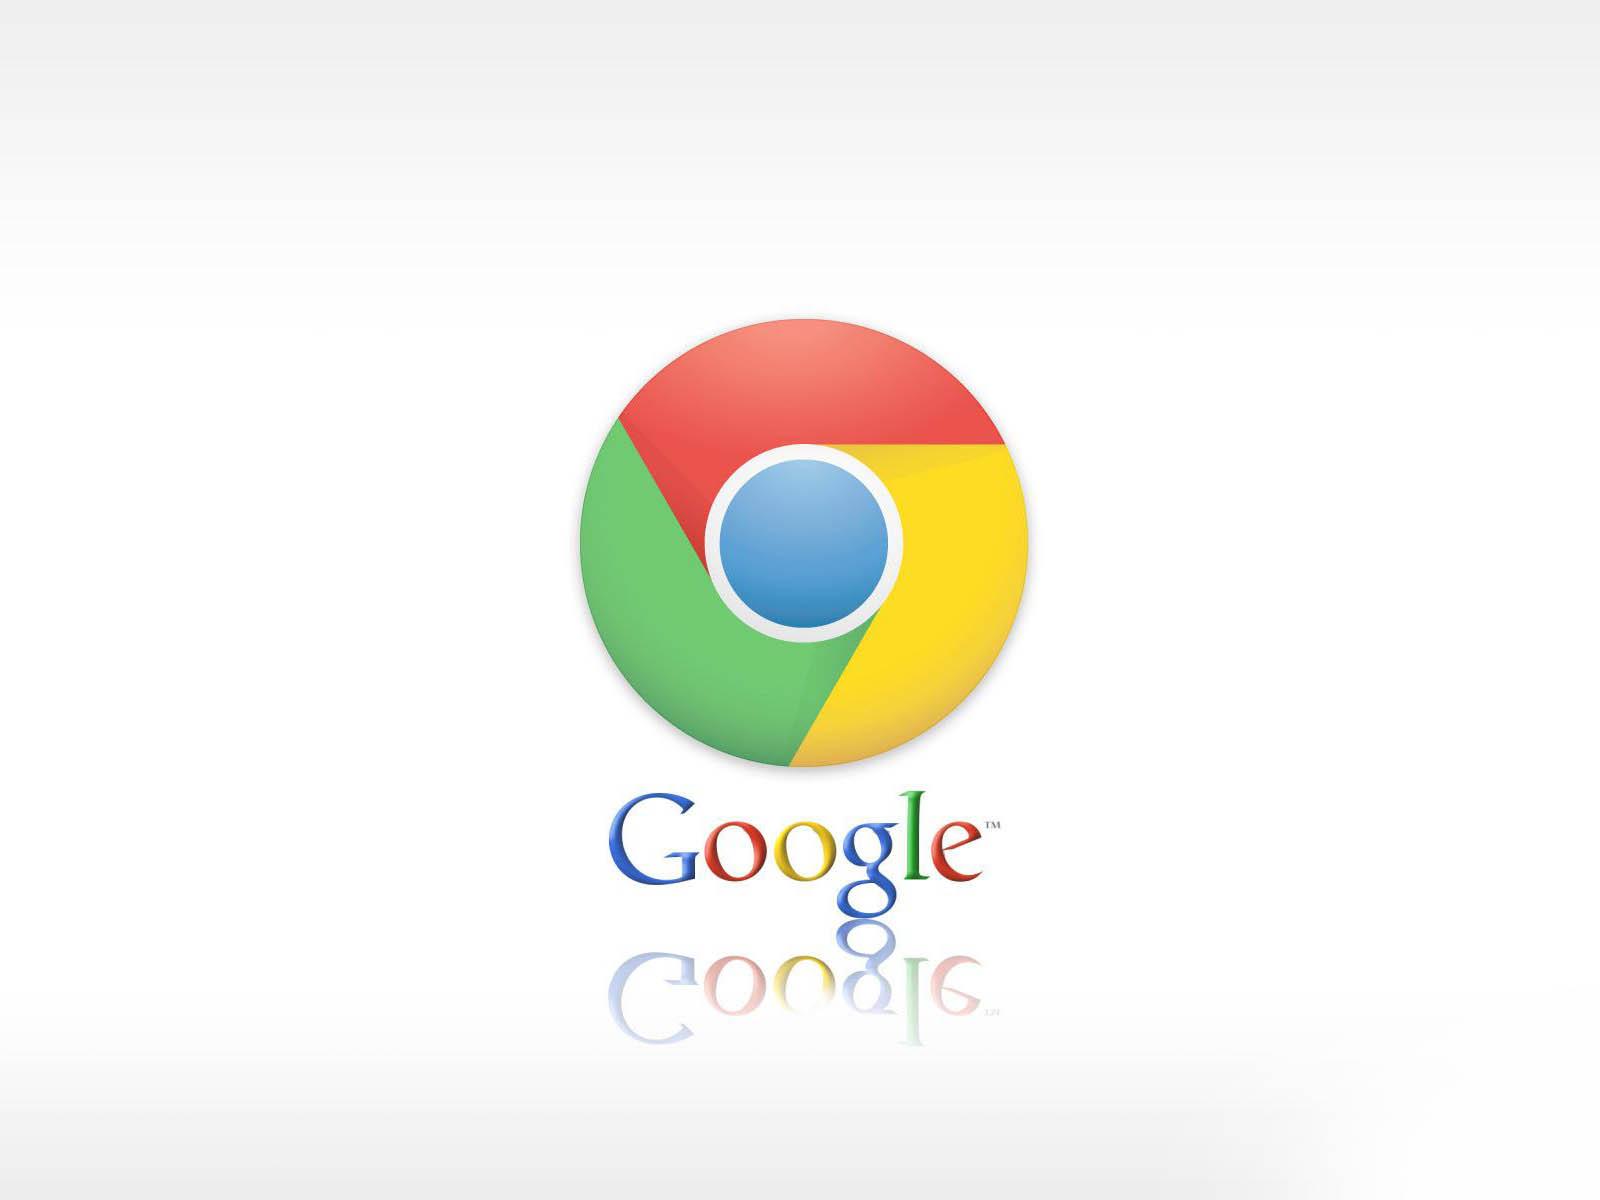 Google Wallpaper Free - WallpaperSafari